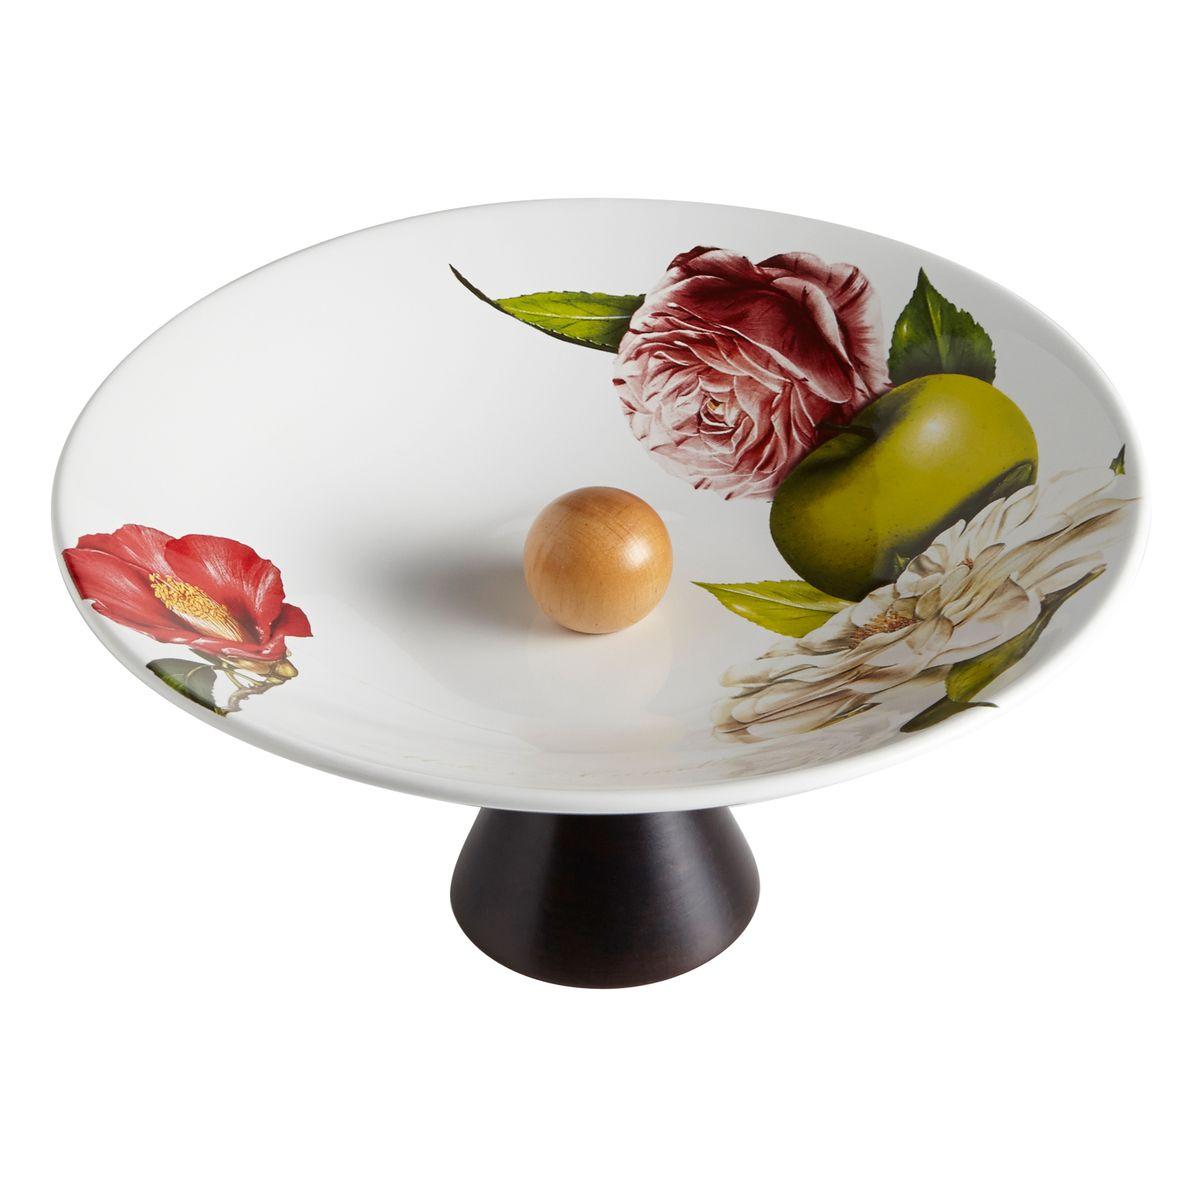 Ваза для фруктов на ножке Яблоки и камелии. CV2-4817-ALCV2-4817-ALКерамическая посуда итальянской фабрики «Ceramiche Viva» известна не только своим превосходным качеством, но и удивительными, неповторимыми дизайнами, отличающими ее от любой другой керамической посуды.Помимо внешней привлекательности посуда «Ceramiche Viva» обладает и прекрасными практическими свойствами: посуду «Ceramiche Viva» можно мыть в посудомоечной машине и использовать в микроволновой печи. Не разрешается применять при мытье посуды абразивные порошки. Поверхность изделий покрыта высококачественной глазурью, не содержащей свинца.